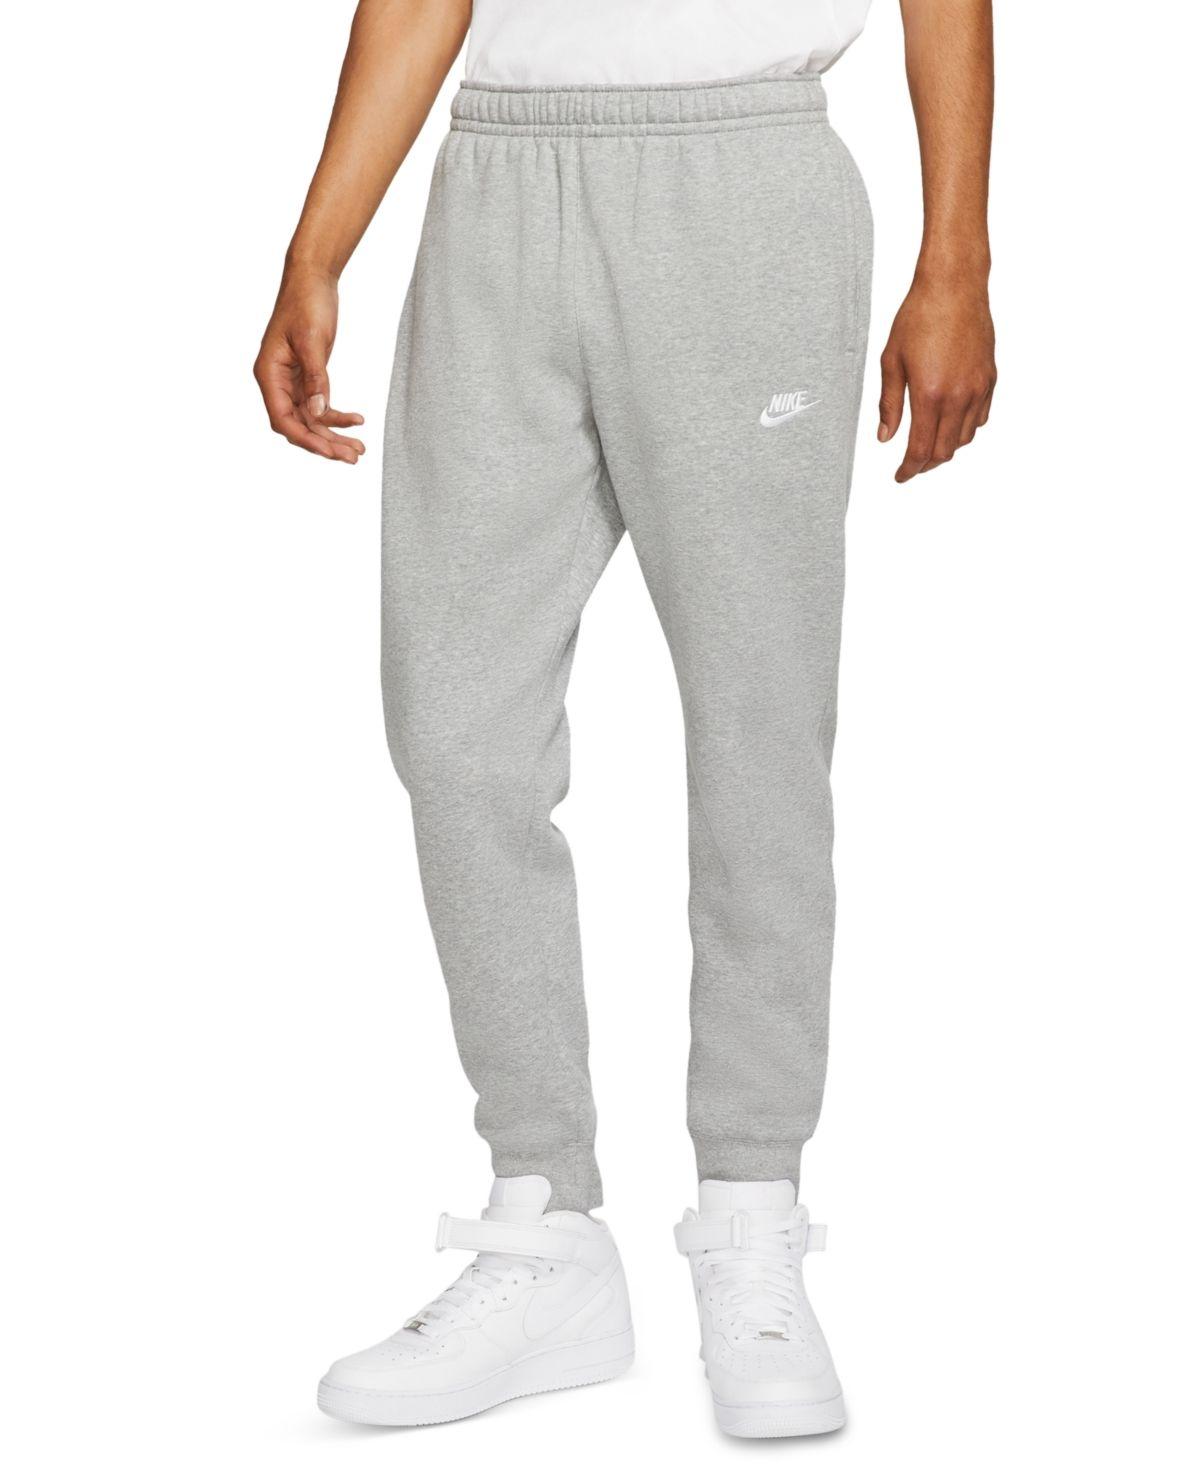 Nike Men's Sportswear Club Fleece Joggers & Reviews - All ...